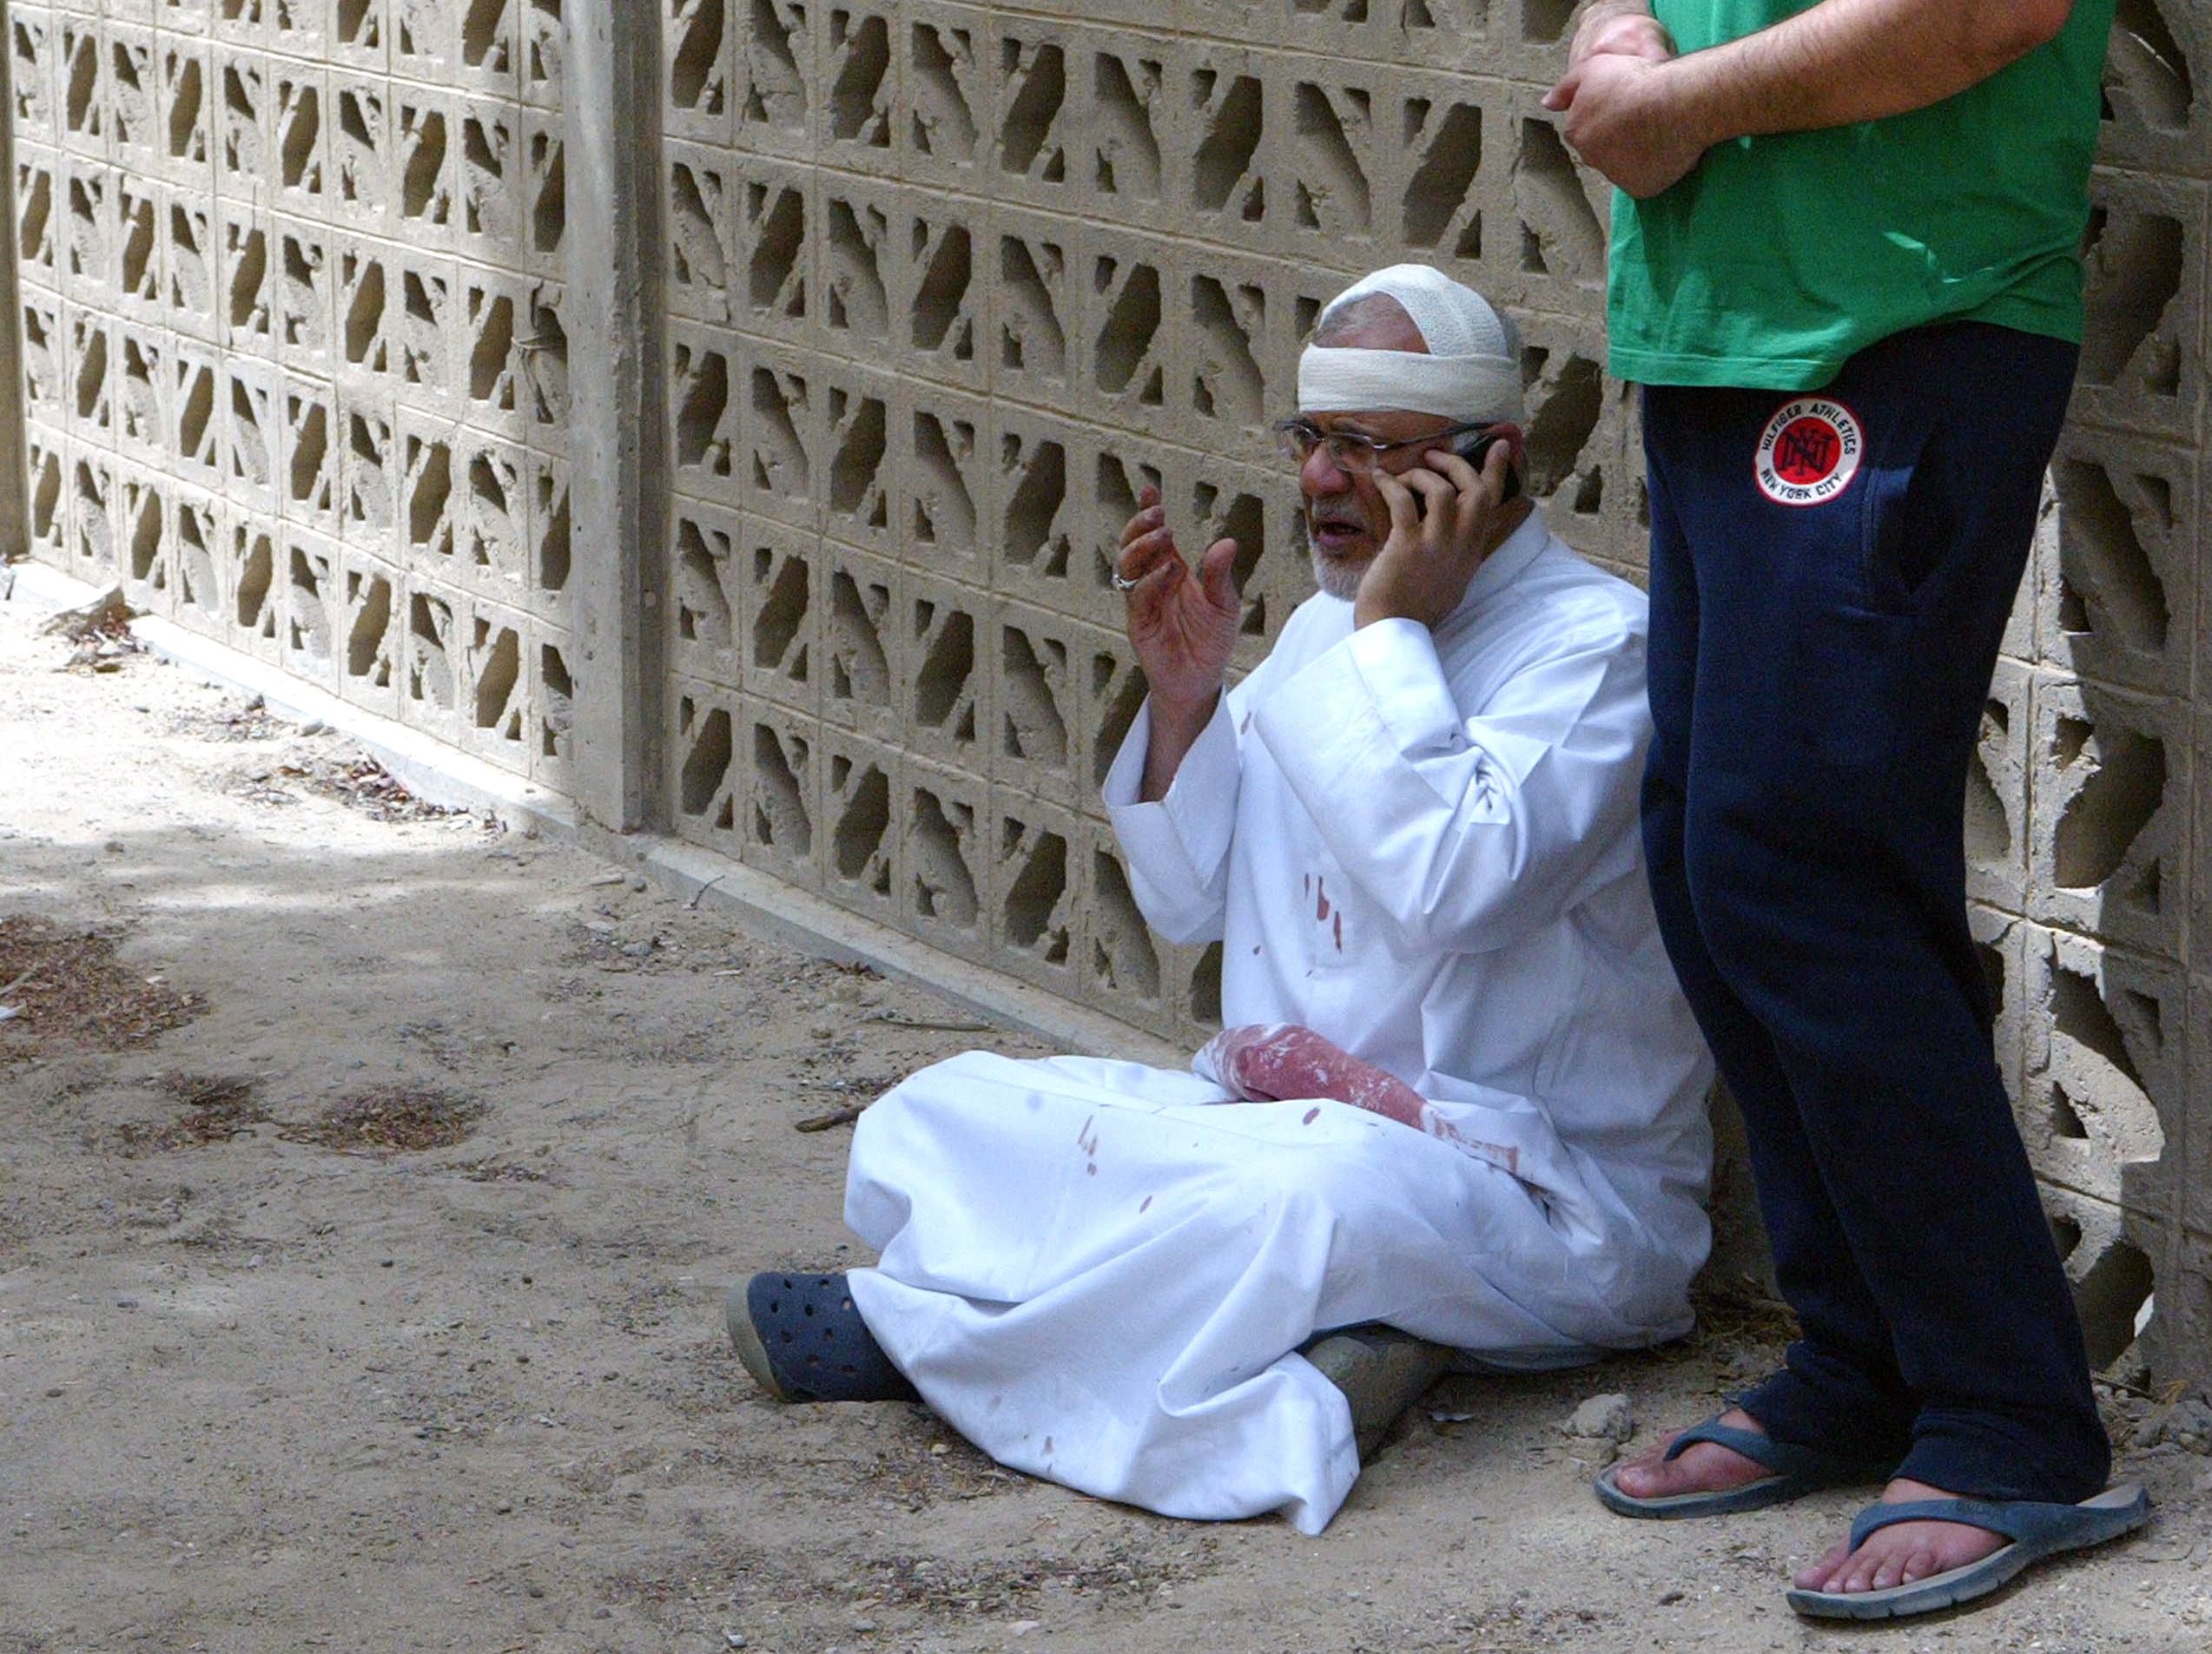 مواطن كويتي يجري إتصالا بعد إصابته في تفجيرات مسجد الصادق في الكويت